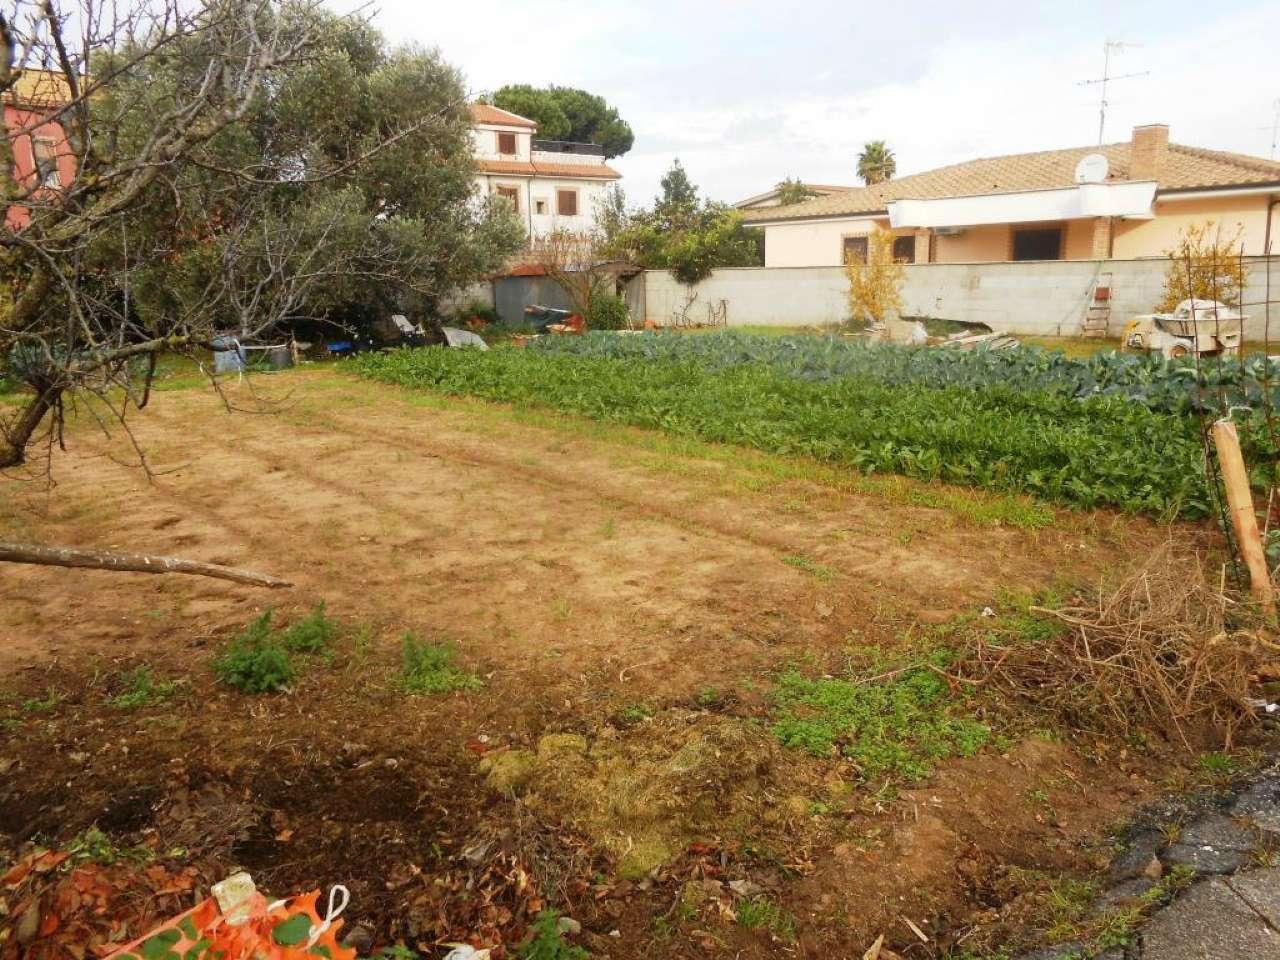 Terreno Edificabile Residenziale in vendita a Anzio, 9999 locali, prezzo € 85.000 | CambioCasa.it